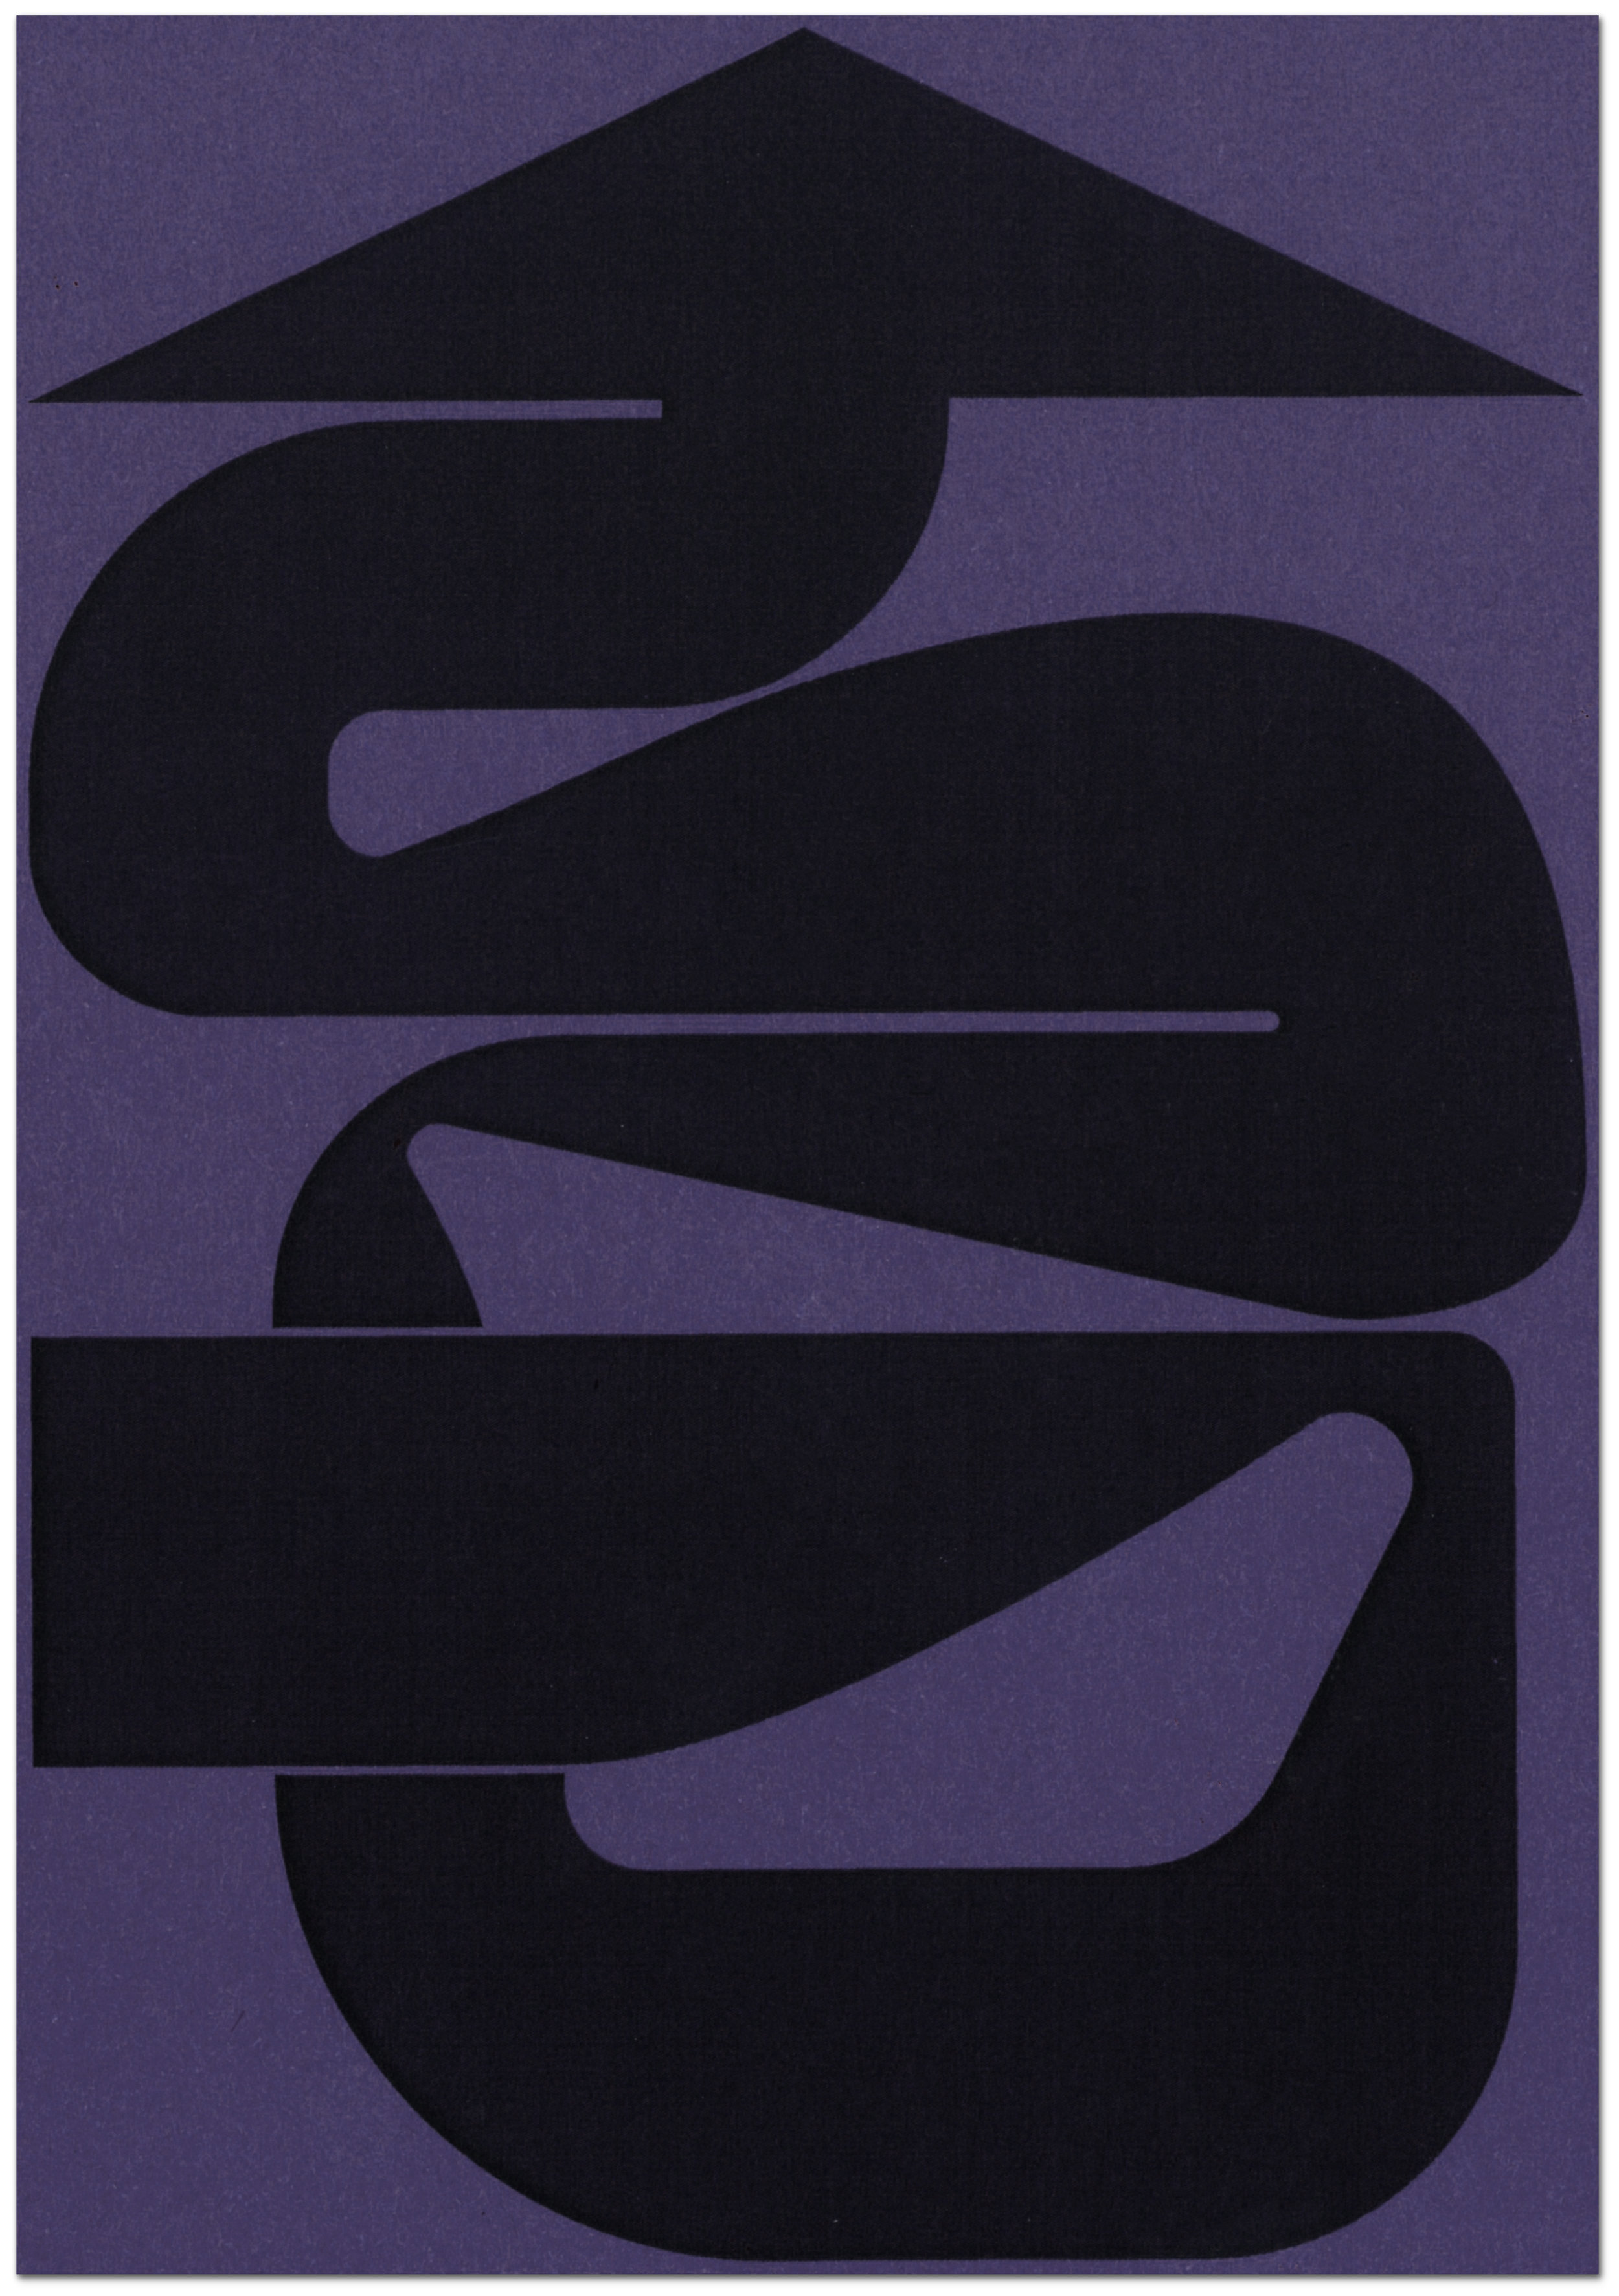 Purple arrow illustration